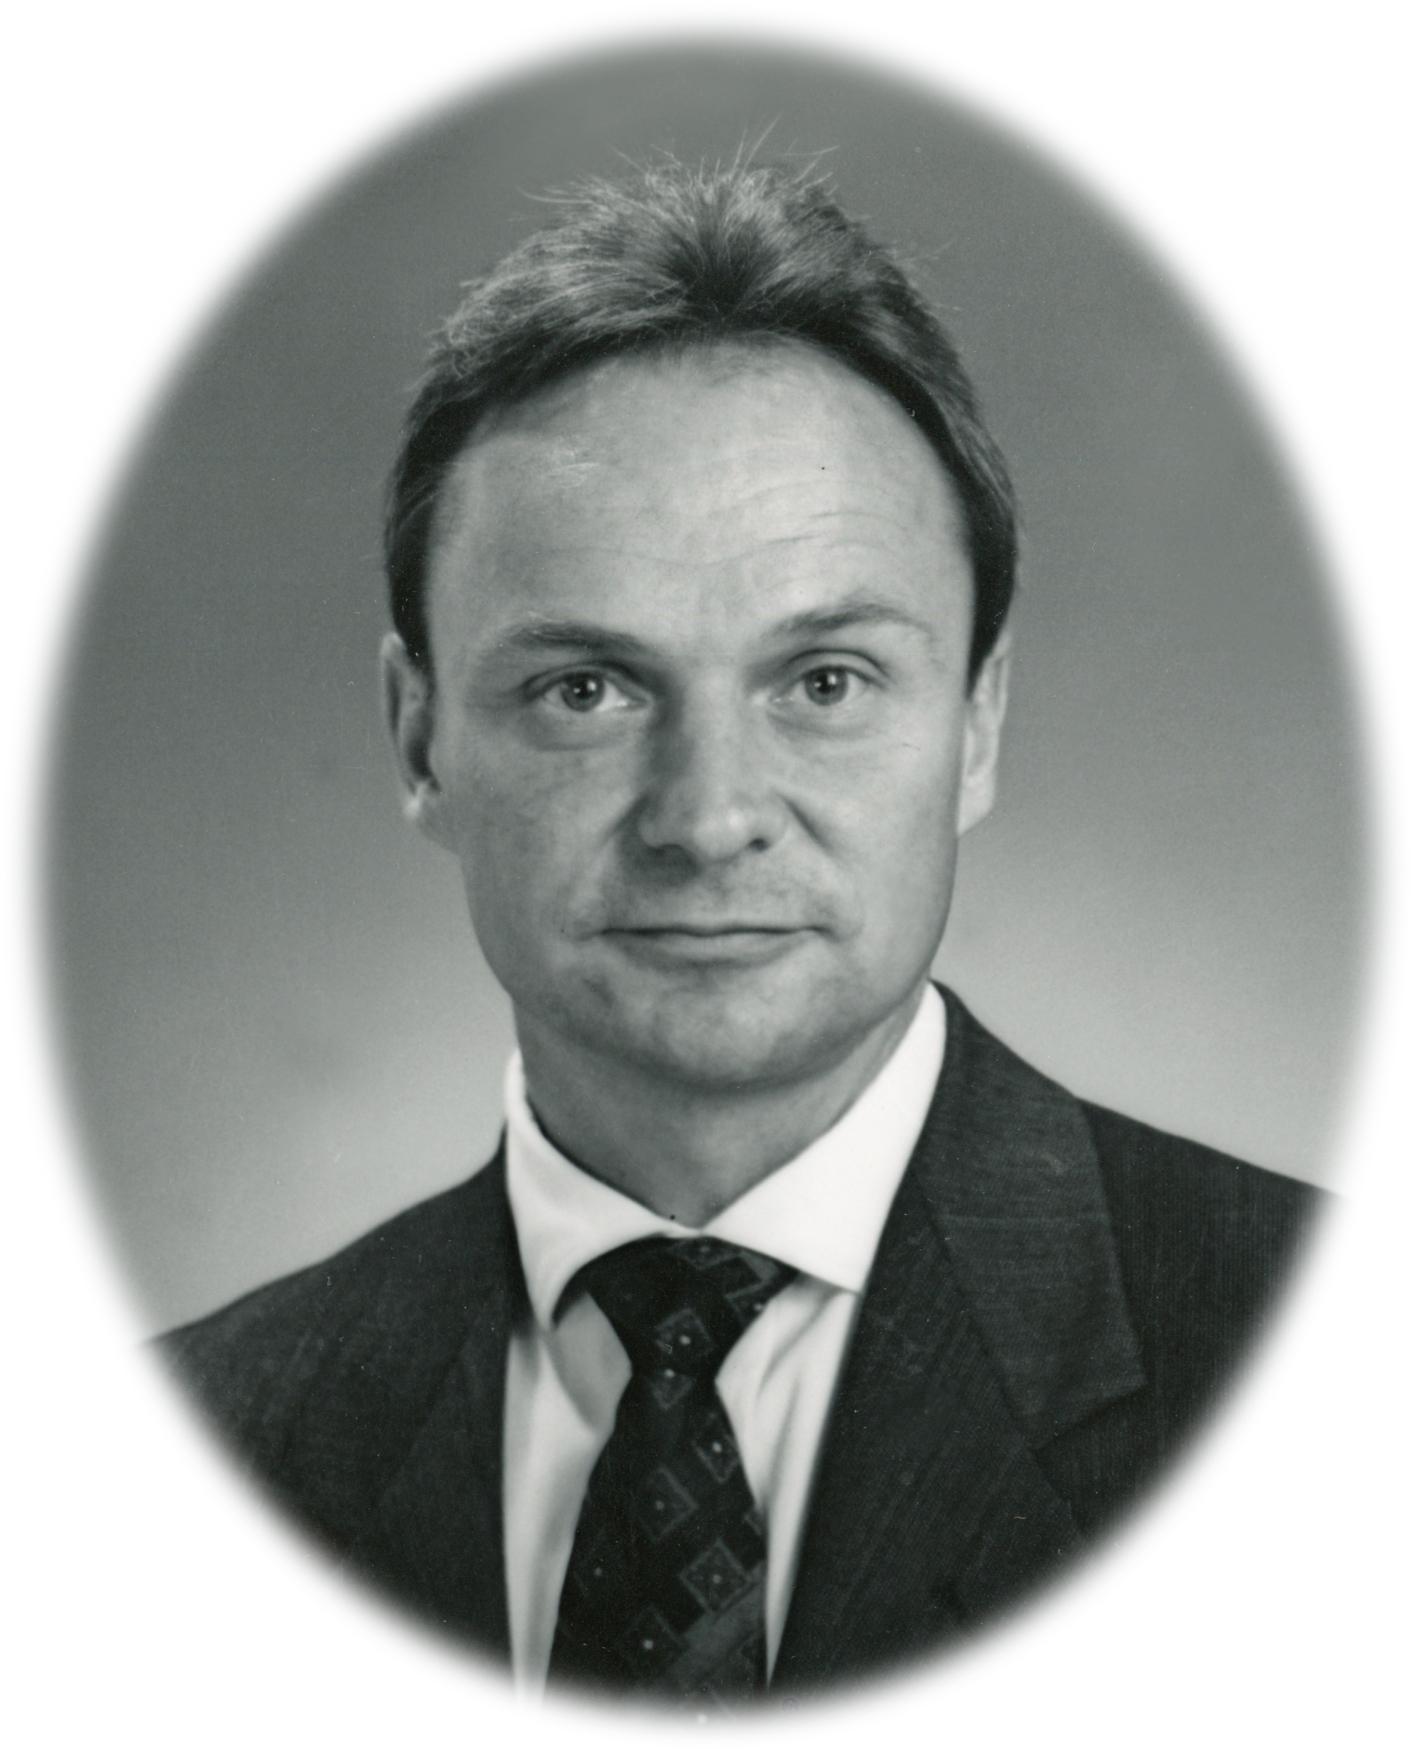 Stephen F. Spelic